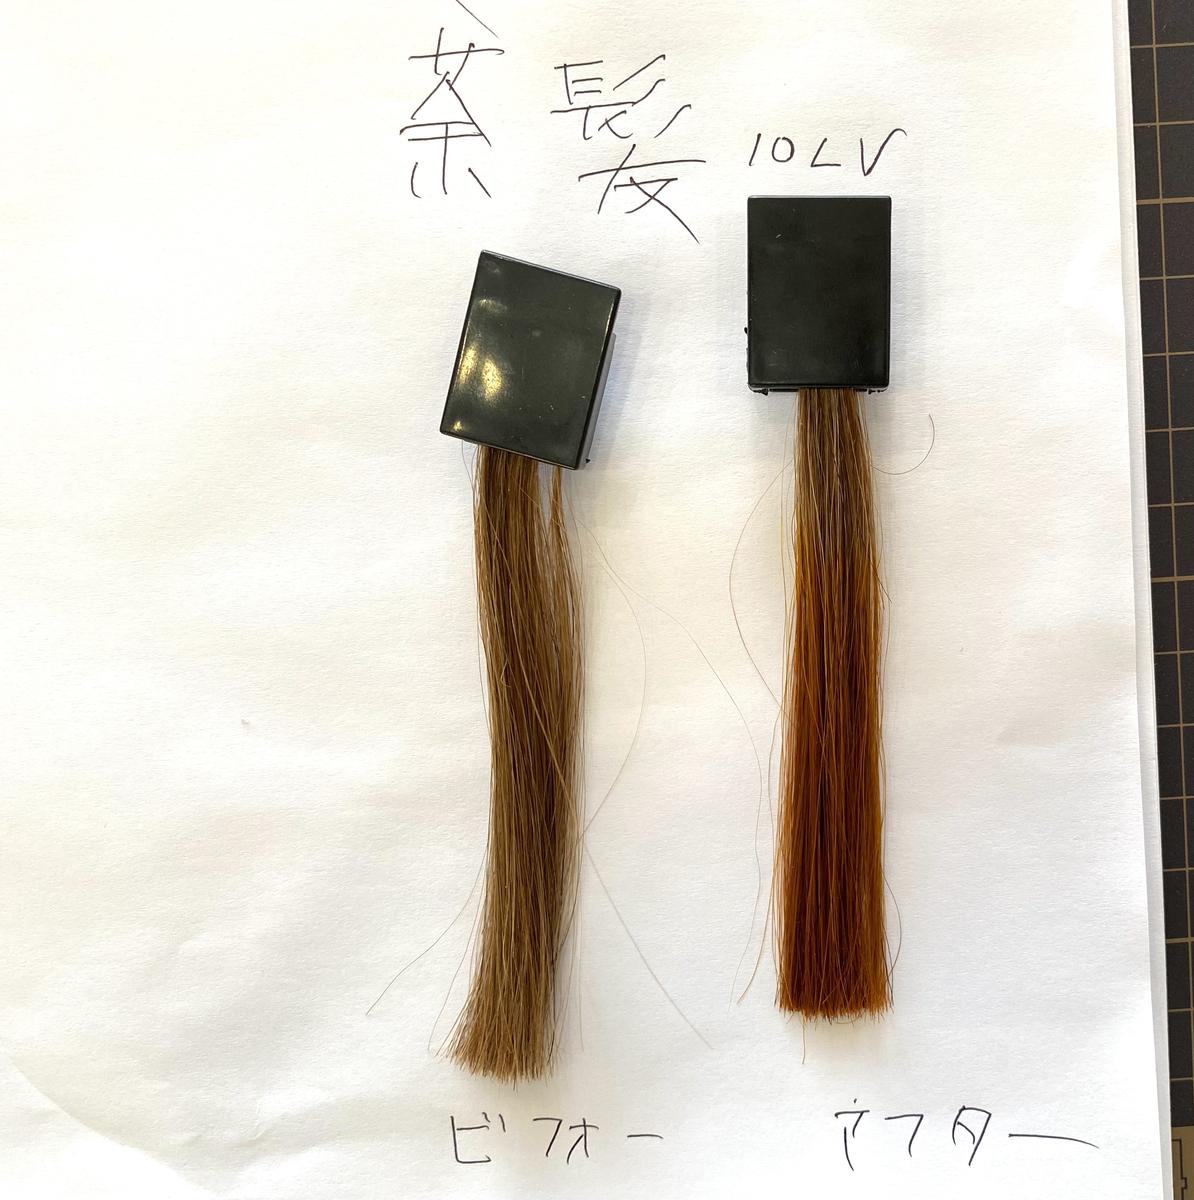 画面左が茶髪で画面右が茶髪にマンゴーオレンジで染めた毛束